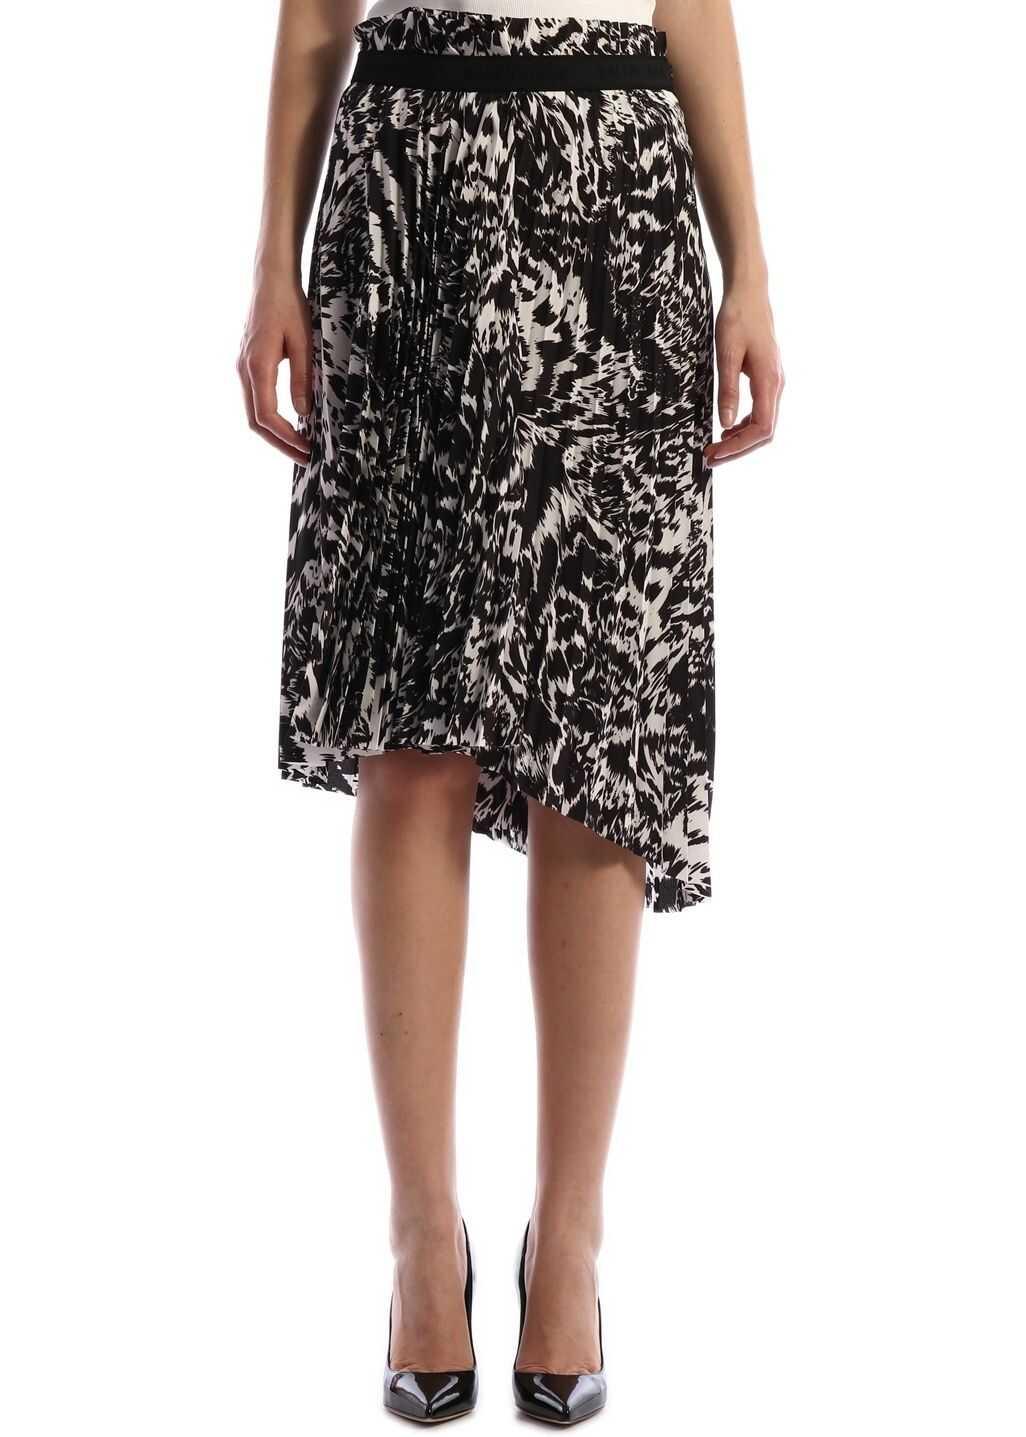 Balenciaga Plissè Skirt Zebra Print Black